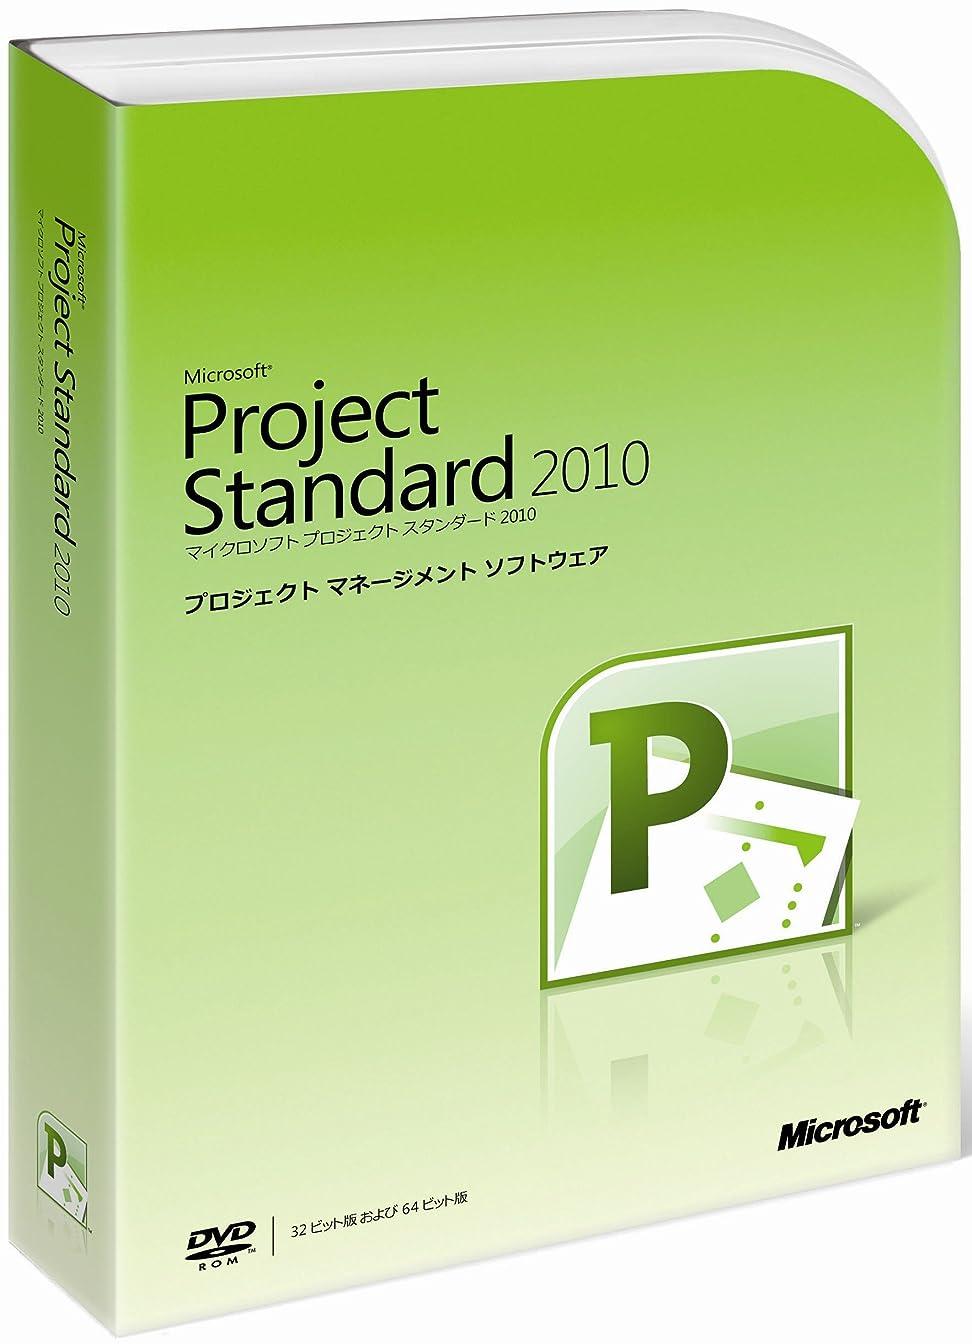 統合カートリッジお願いします【旧商品/サポート終了】Microsoft Project Standard 2003